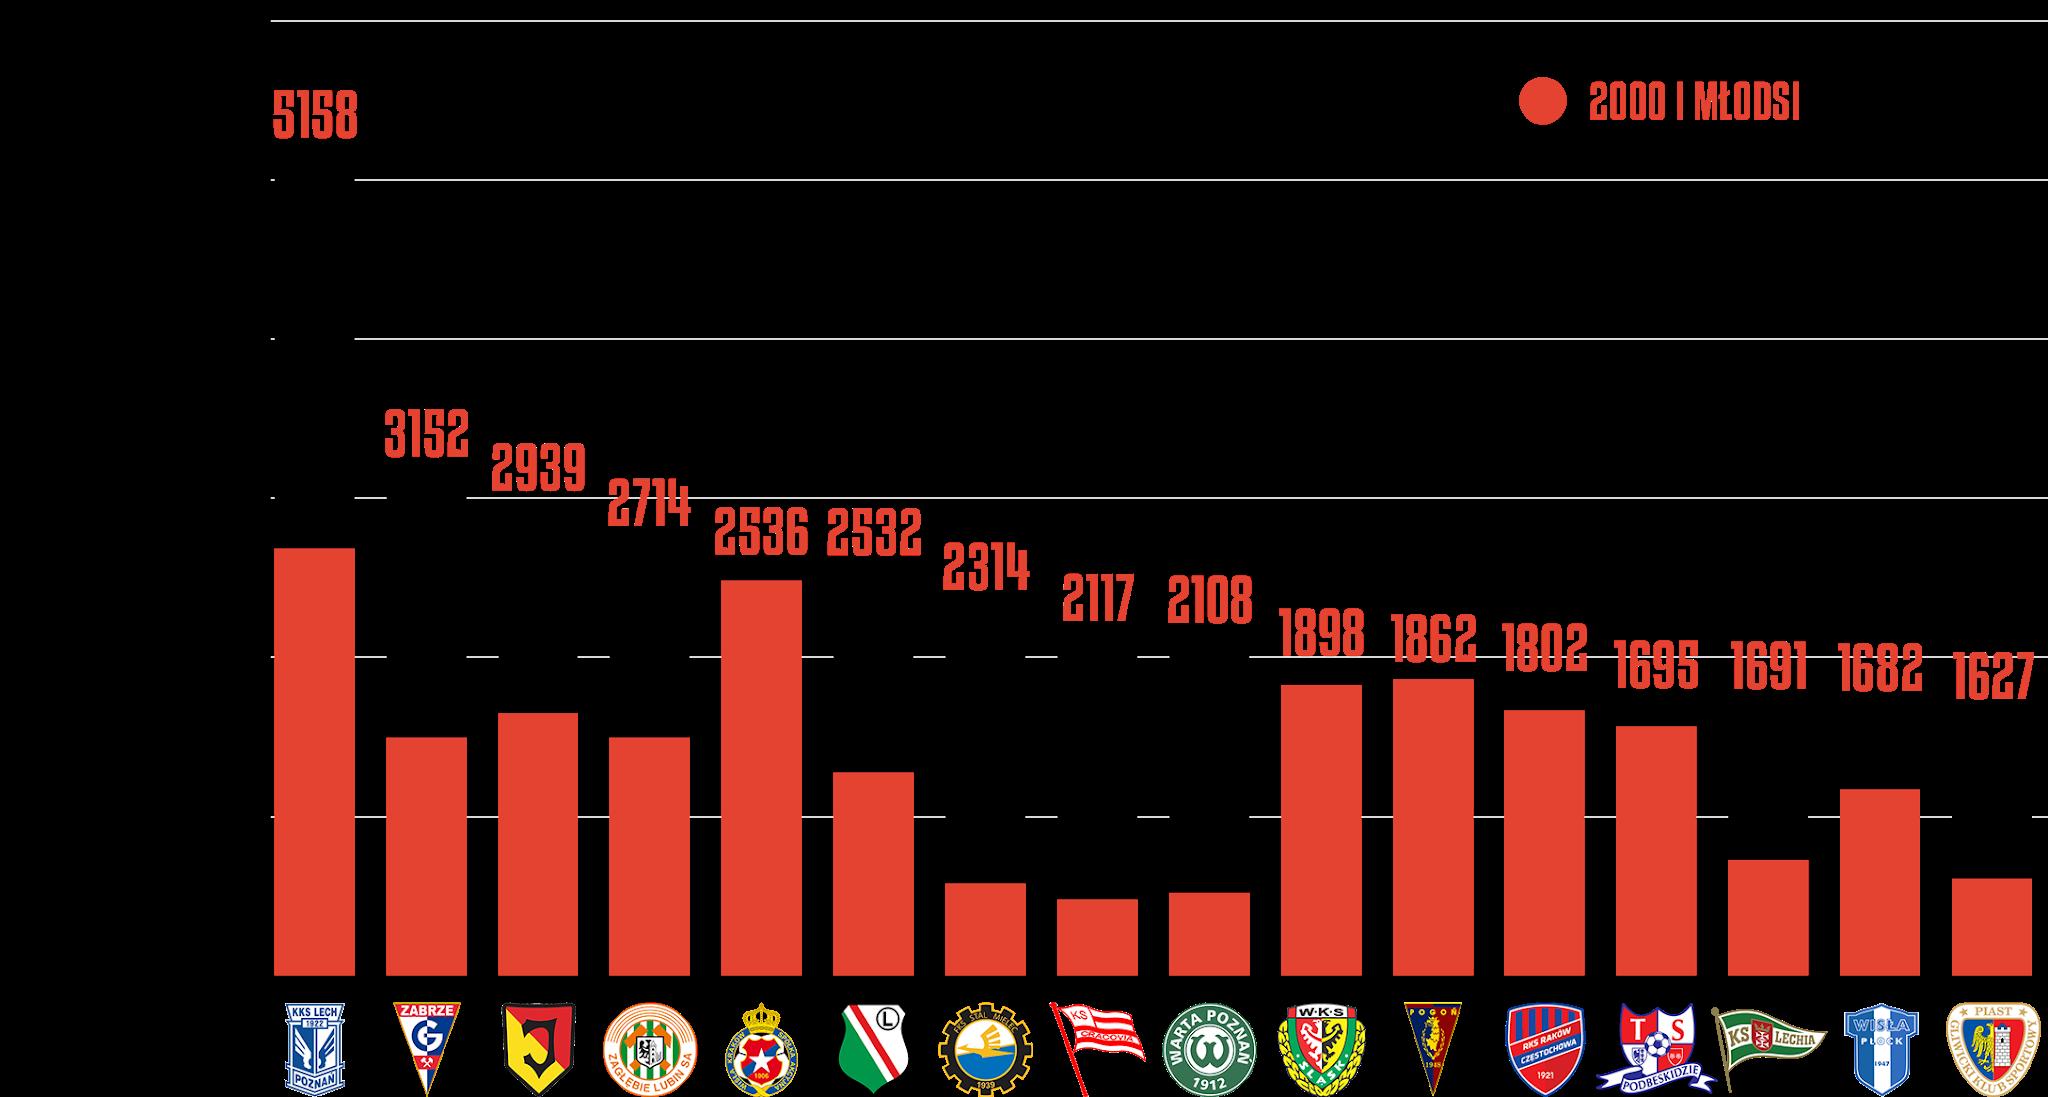 Klasyfikacja klubów pod względem rozegranego czasu przez młodzieżowców po18kolejkach PKO Ekstraklasy<br><br>Źródło: Opracowanie własne na podstawie ekstrastats.pl<br><br>graf. Bartosz Urban